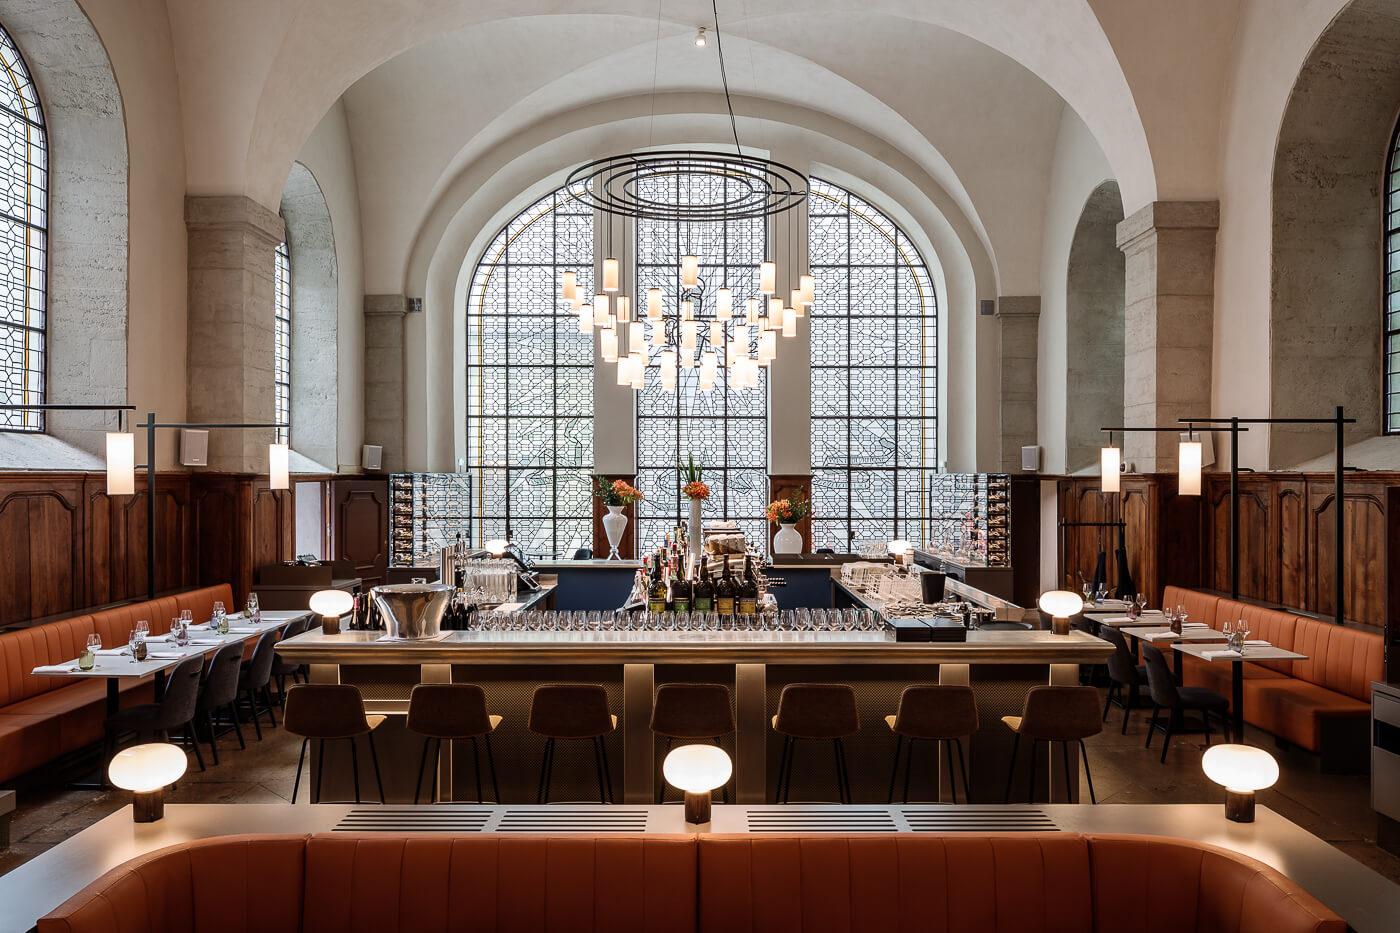 Le Grand Réfectoire Grand Hotel Dieu Lyon restaurant